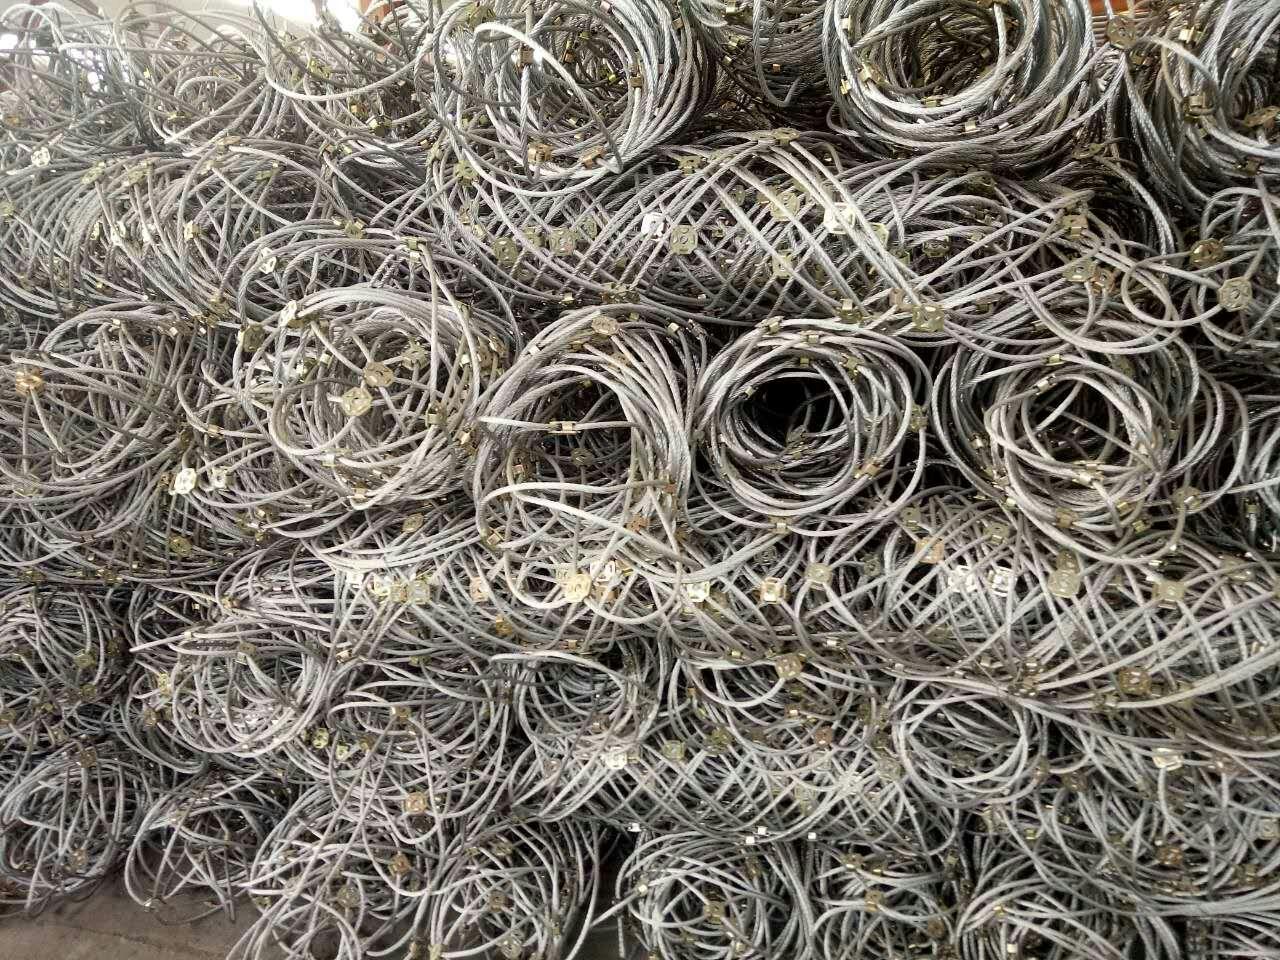 甘肃边坡防护网,边坡防护网价格,边坡防护网 边坡防护网厂家直销 边坡防护网钢丝绳网